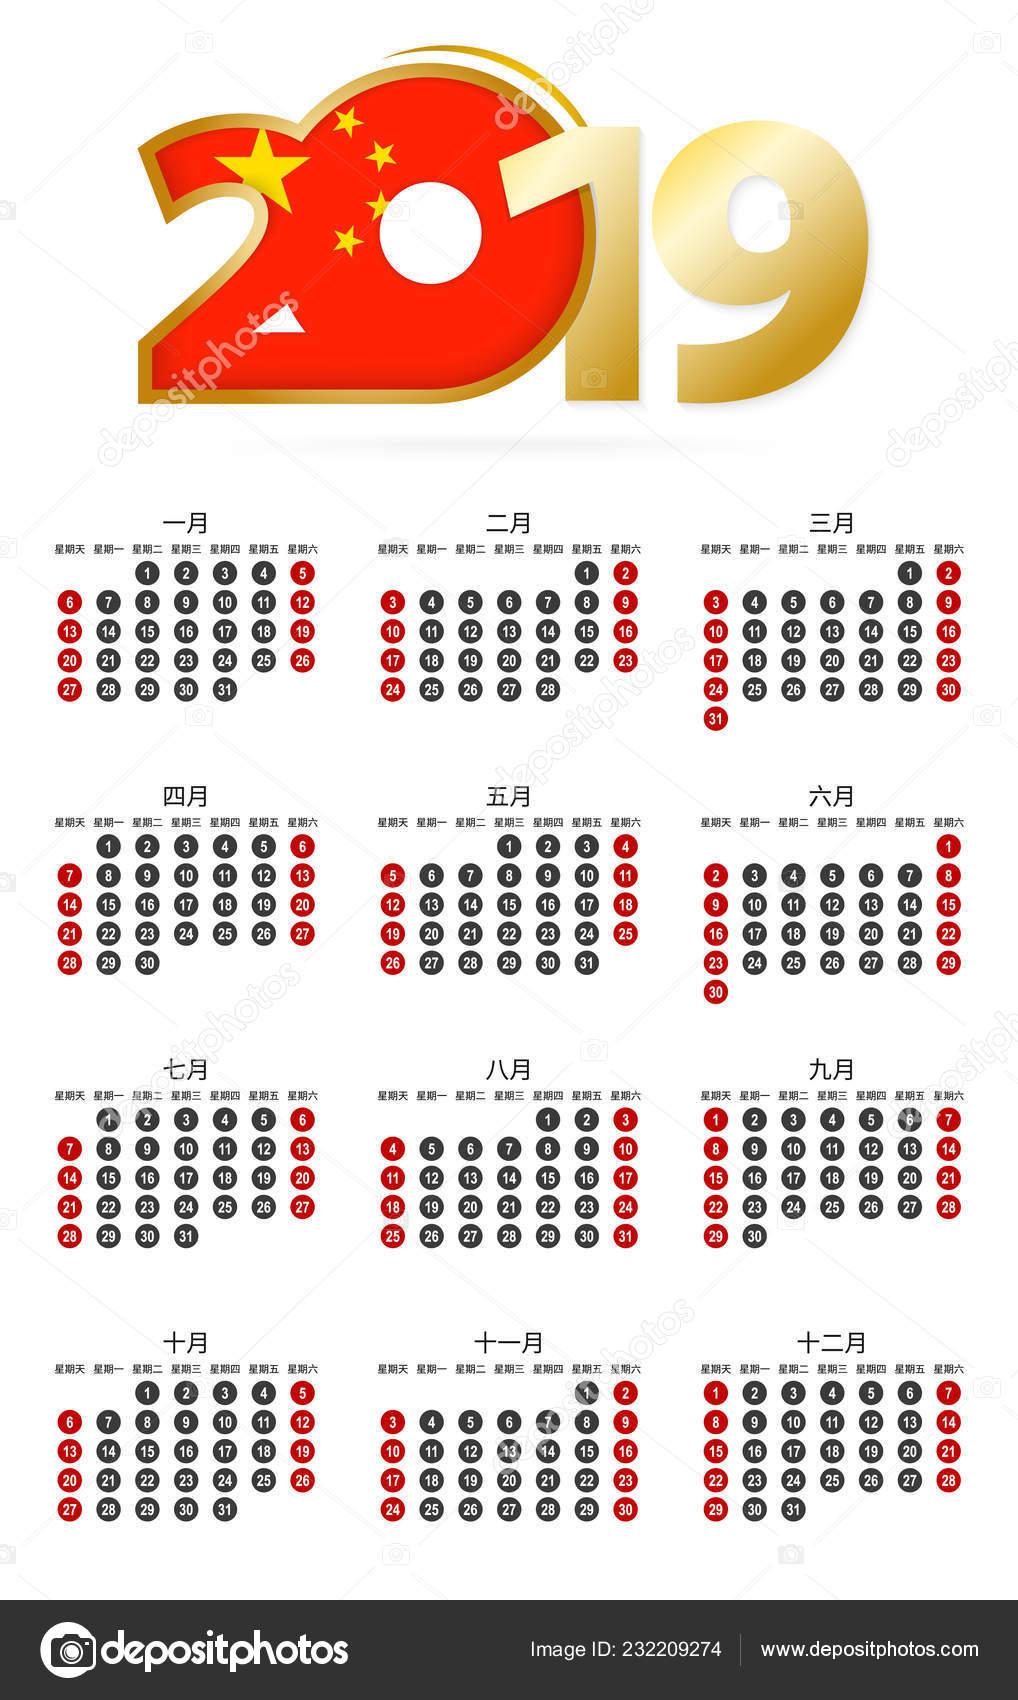 Calendario Chino.Calendario Chino 2019 Con Numeros Circulos Semana Comienza